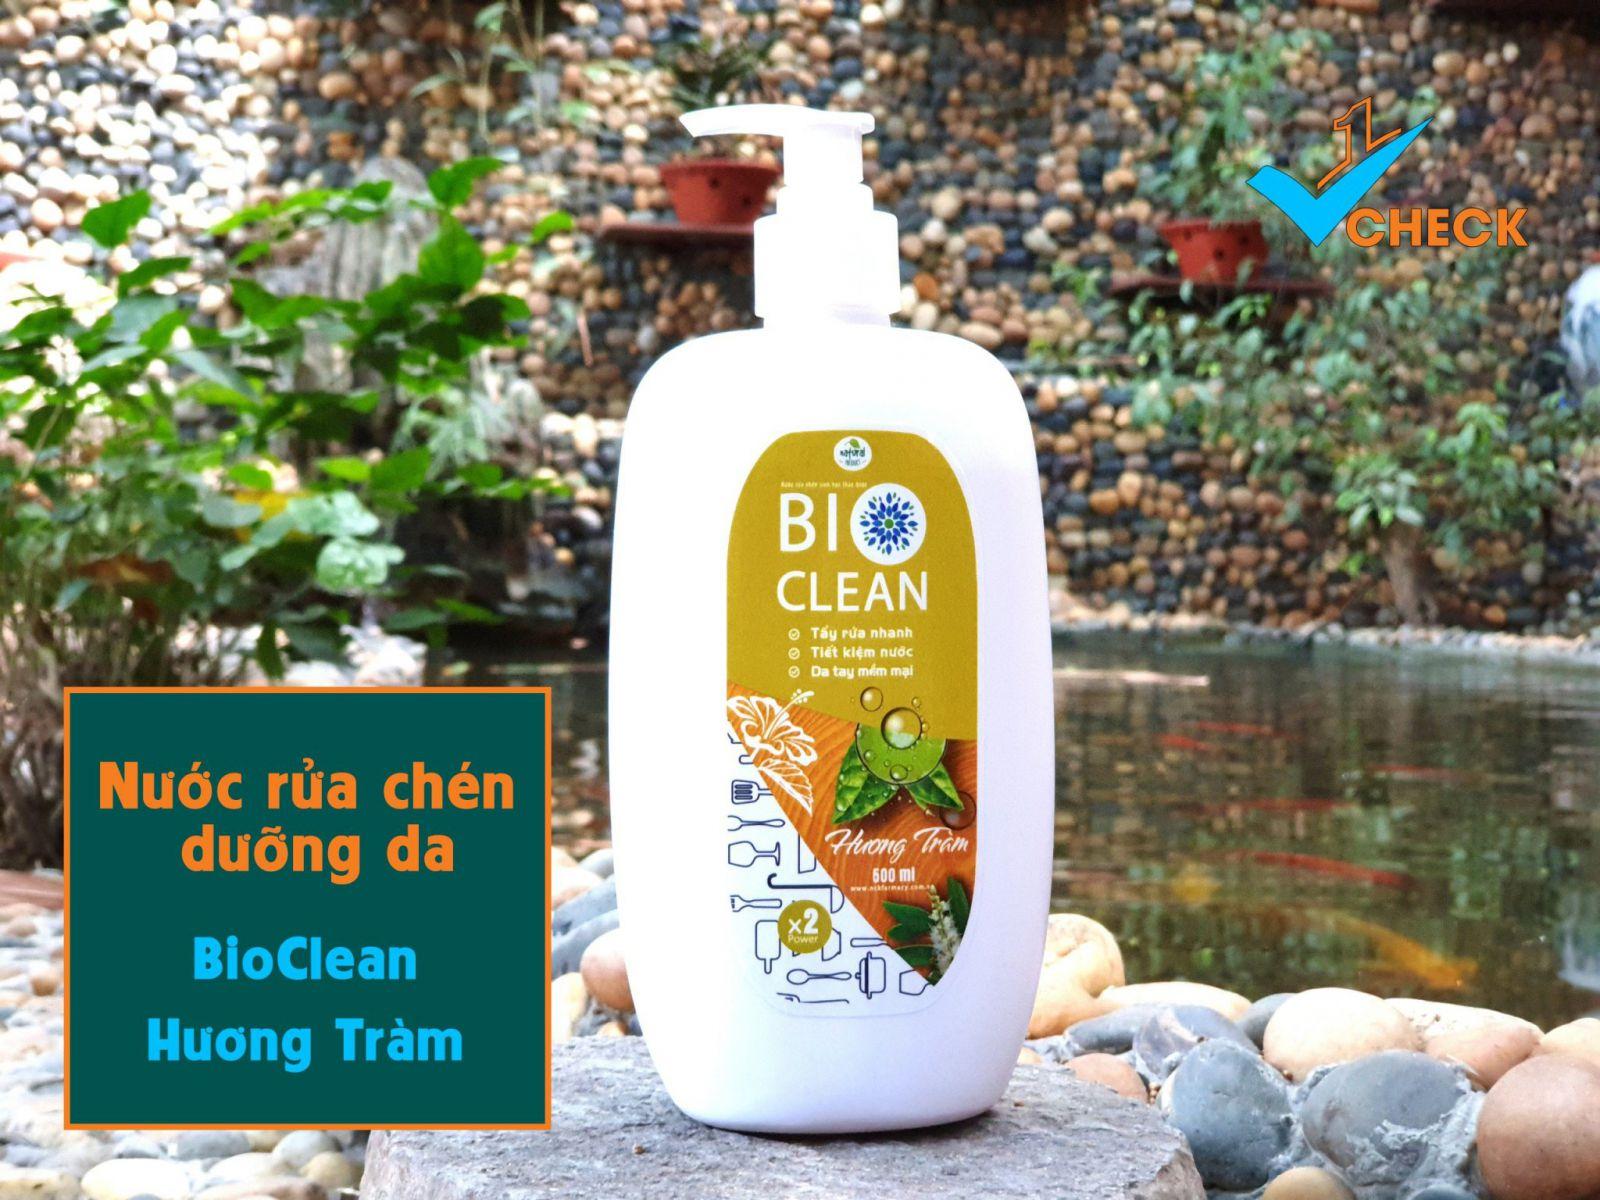 Nước rửa chén sinh học thảo dược BioClean X2, hương tràm, chai 500ml